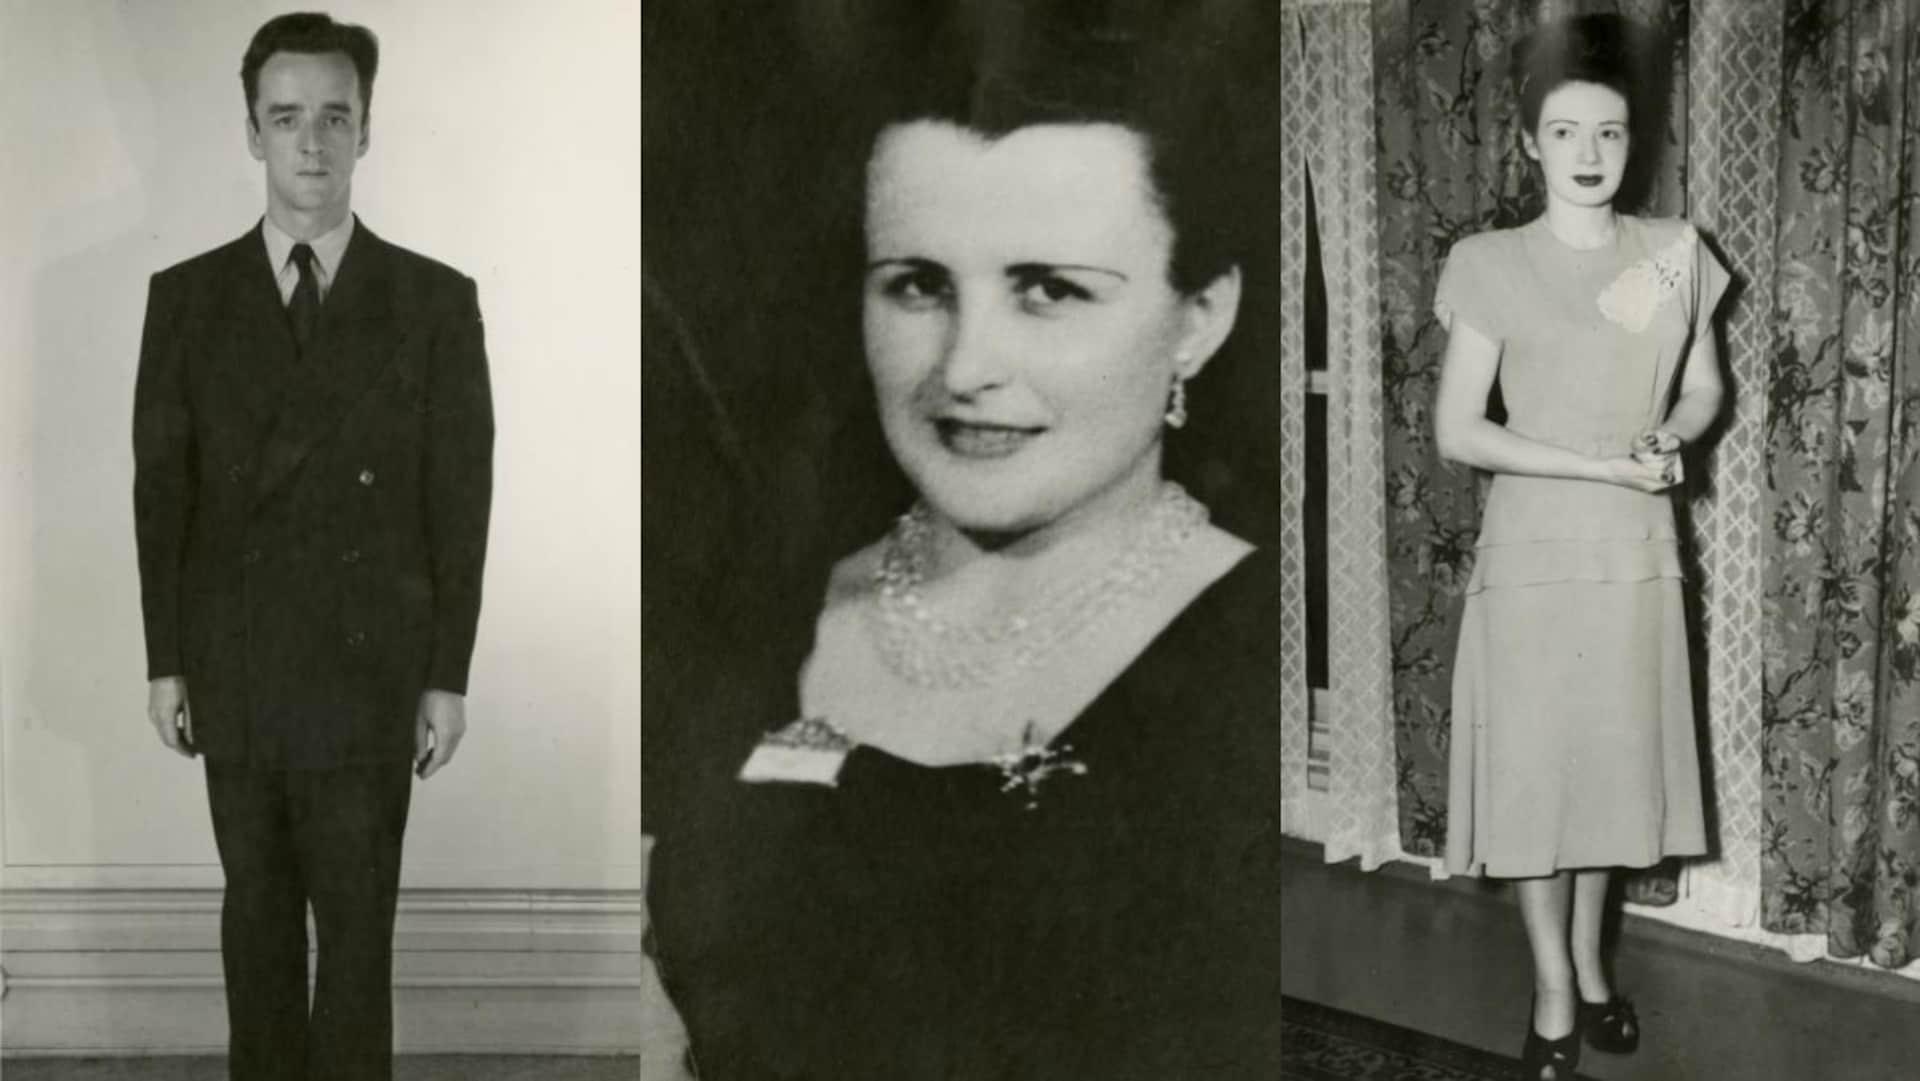 Trois photos l'une à côté de l'autre : Albert Guay, Rita Morel et Marie-Ange Robitaille